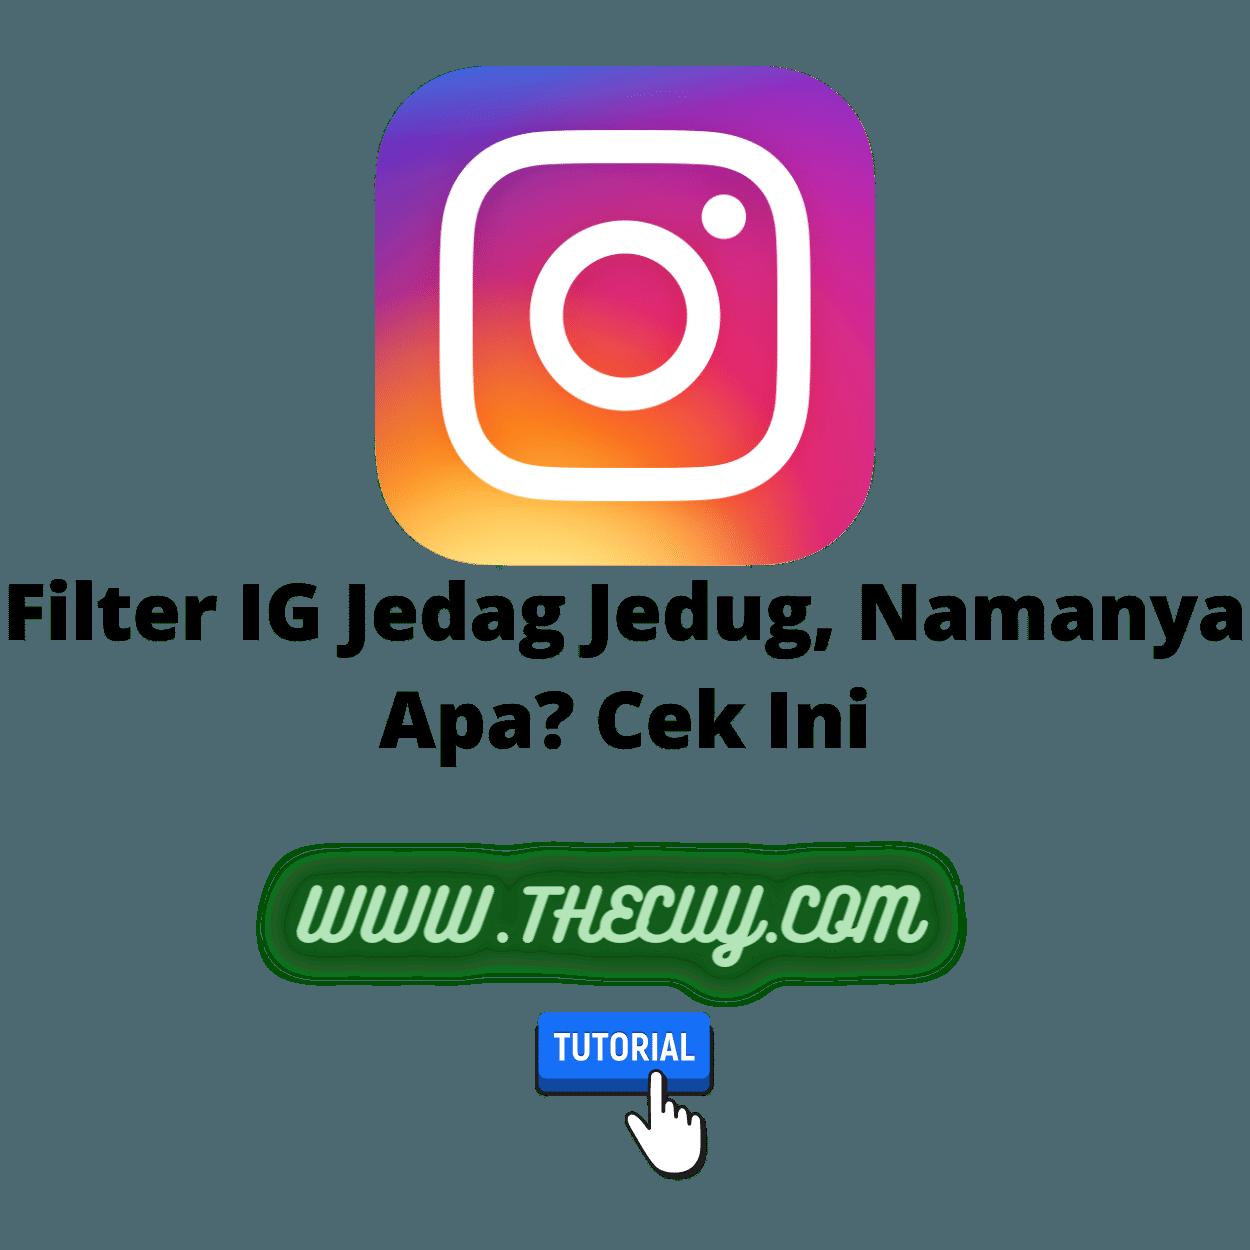 Filter IG Jedag Jedug, Namanya Apa? Cek Ini